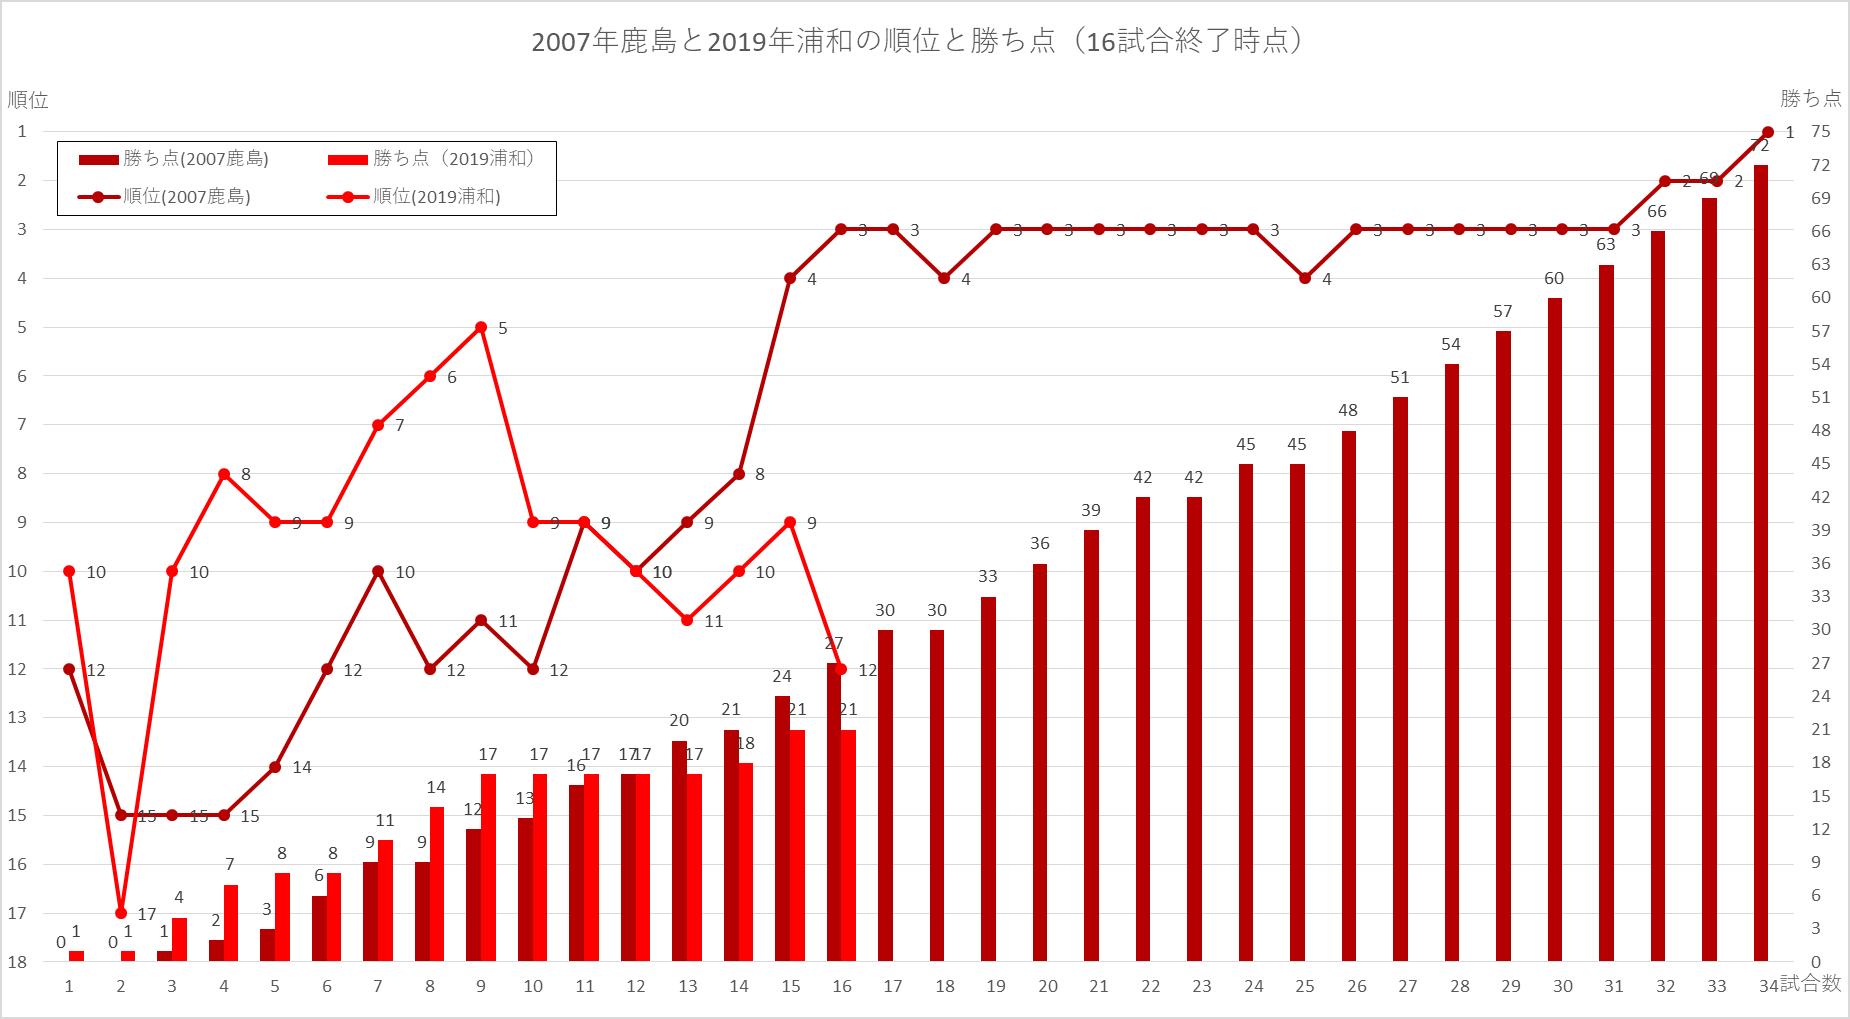 2007鹿島と2019浦和の順位と勝ち点